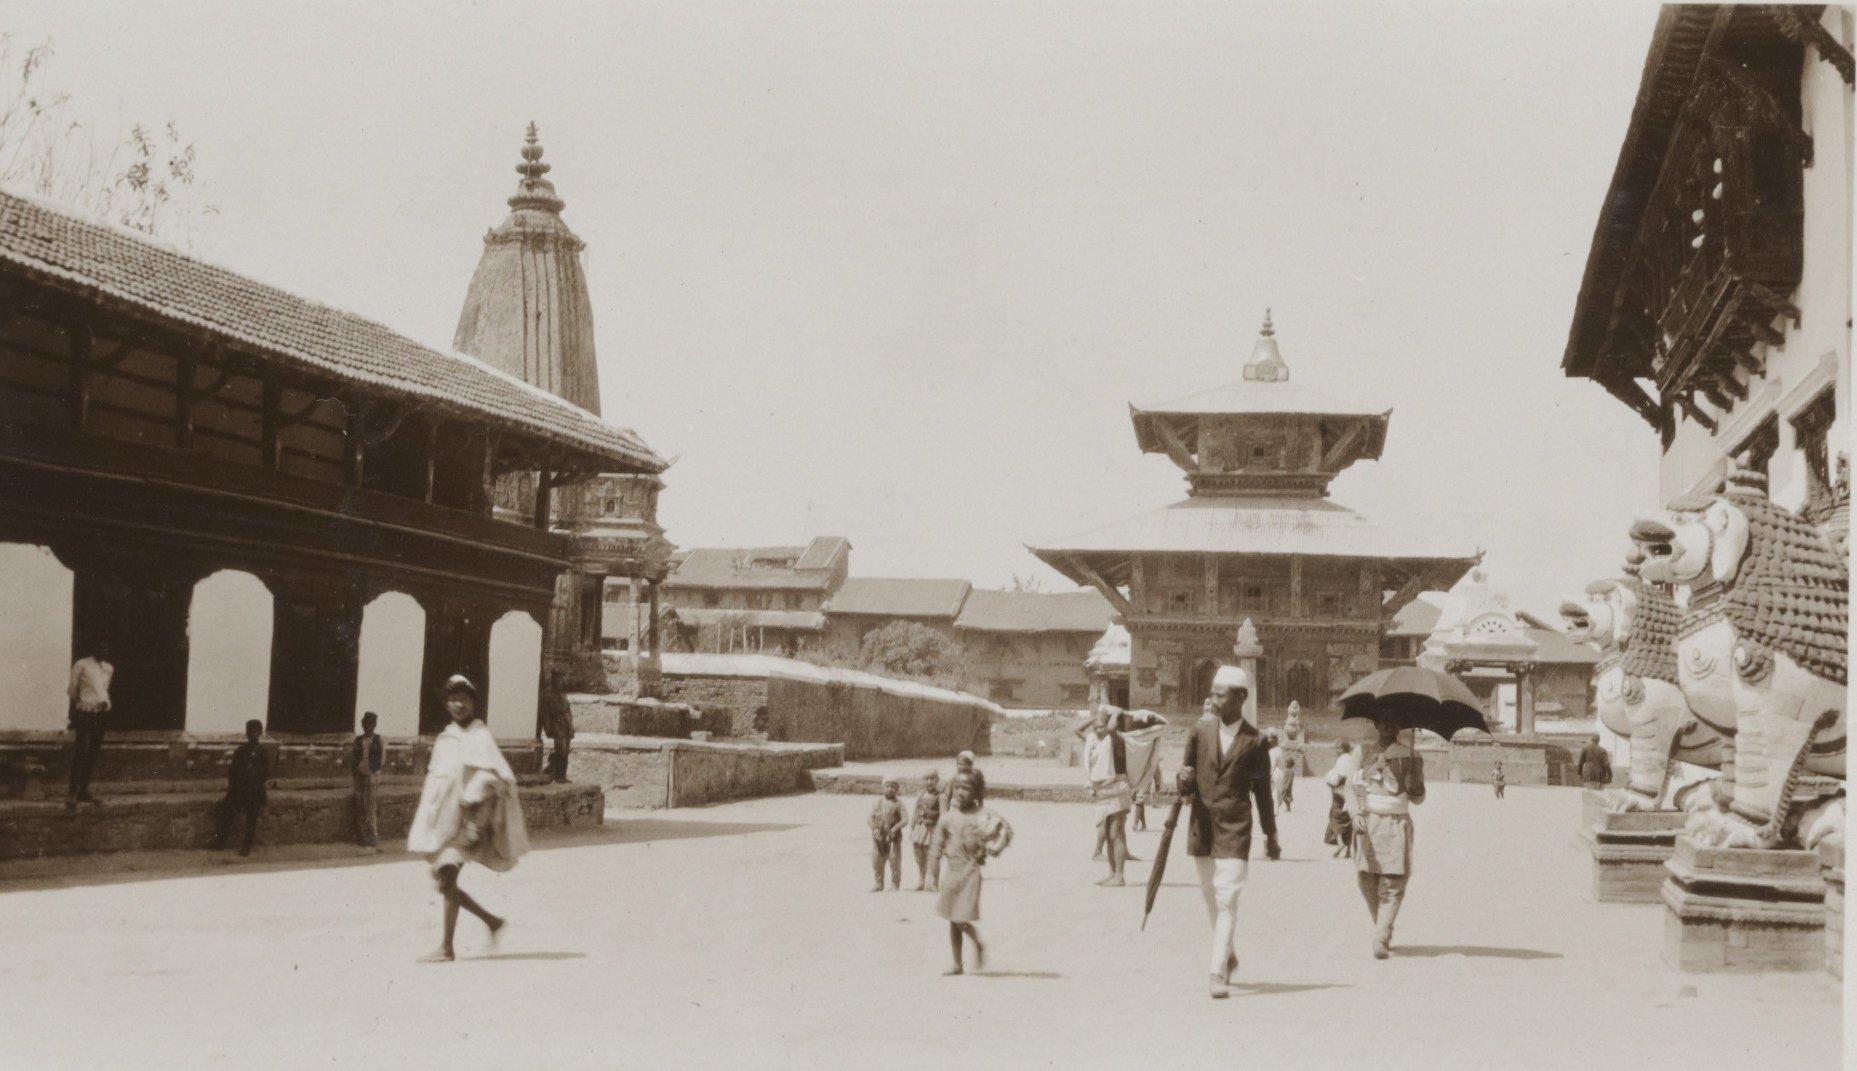 Durbar Square 1932-34 image